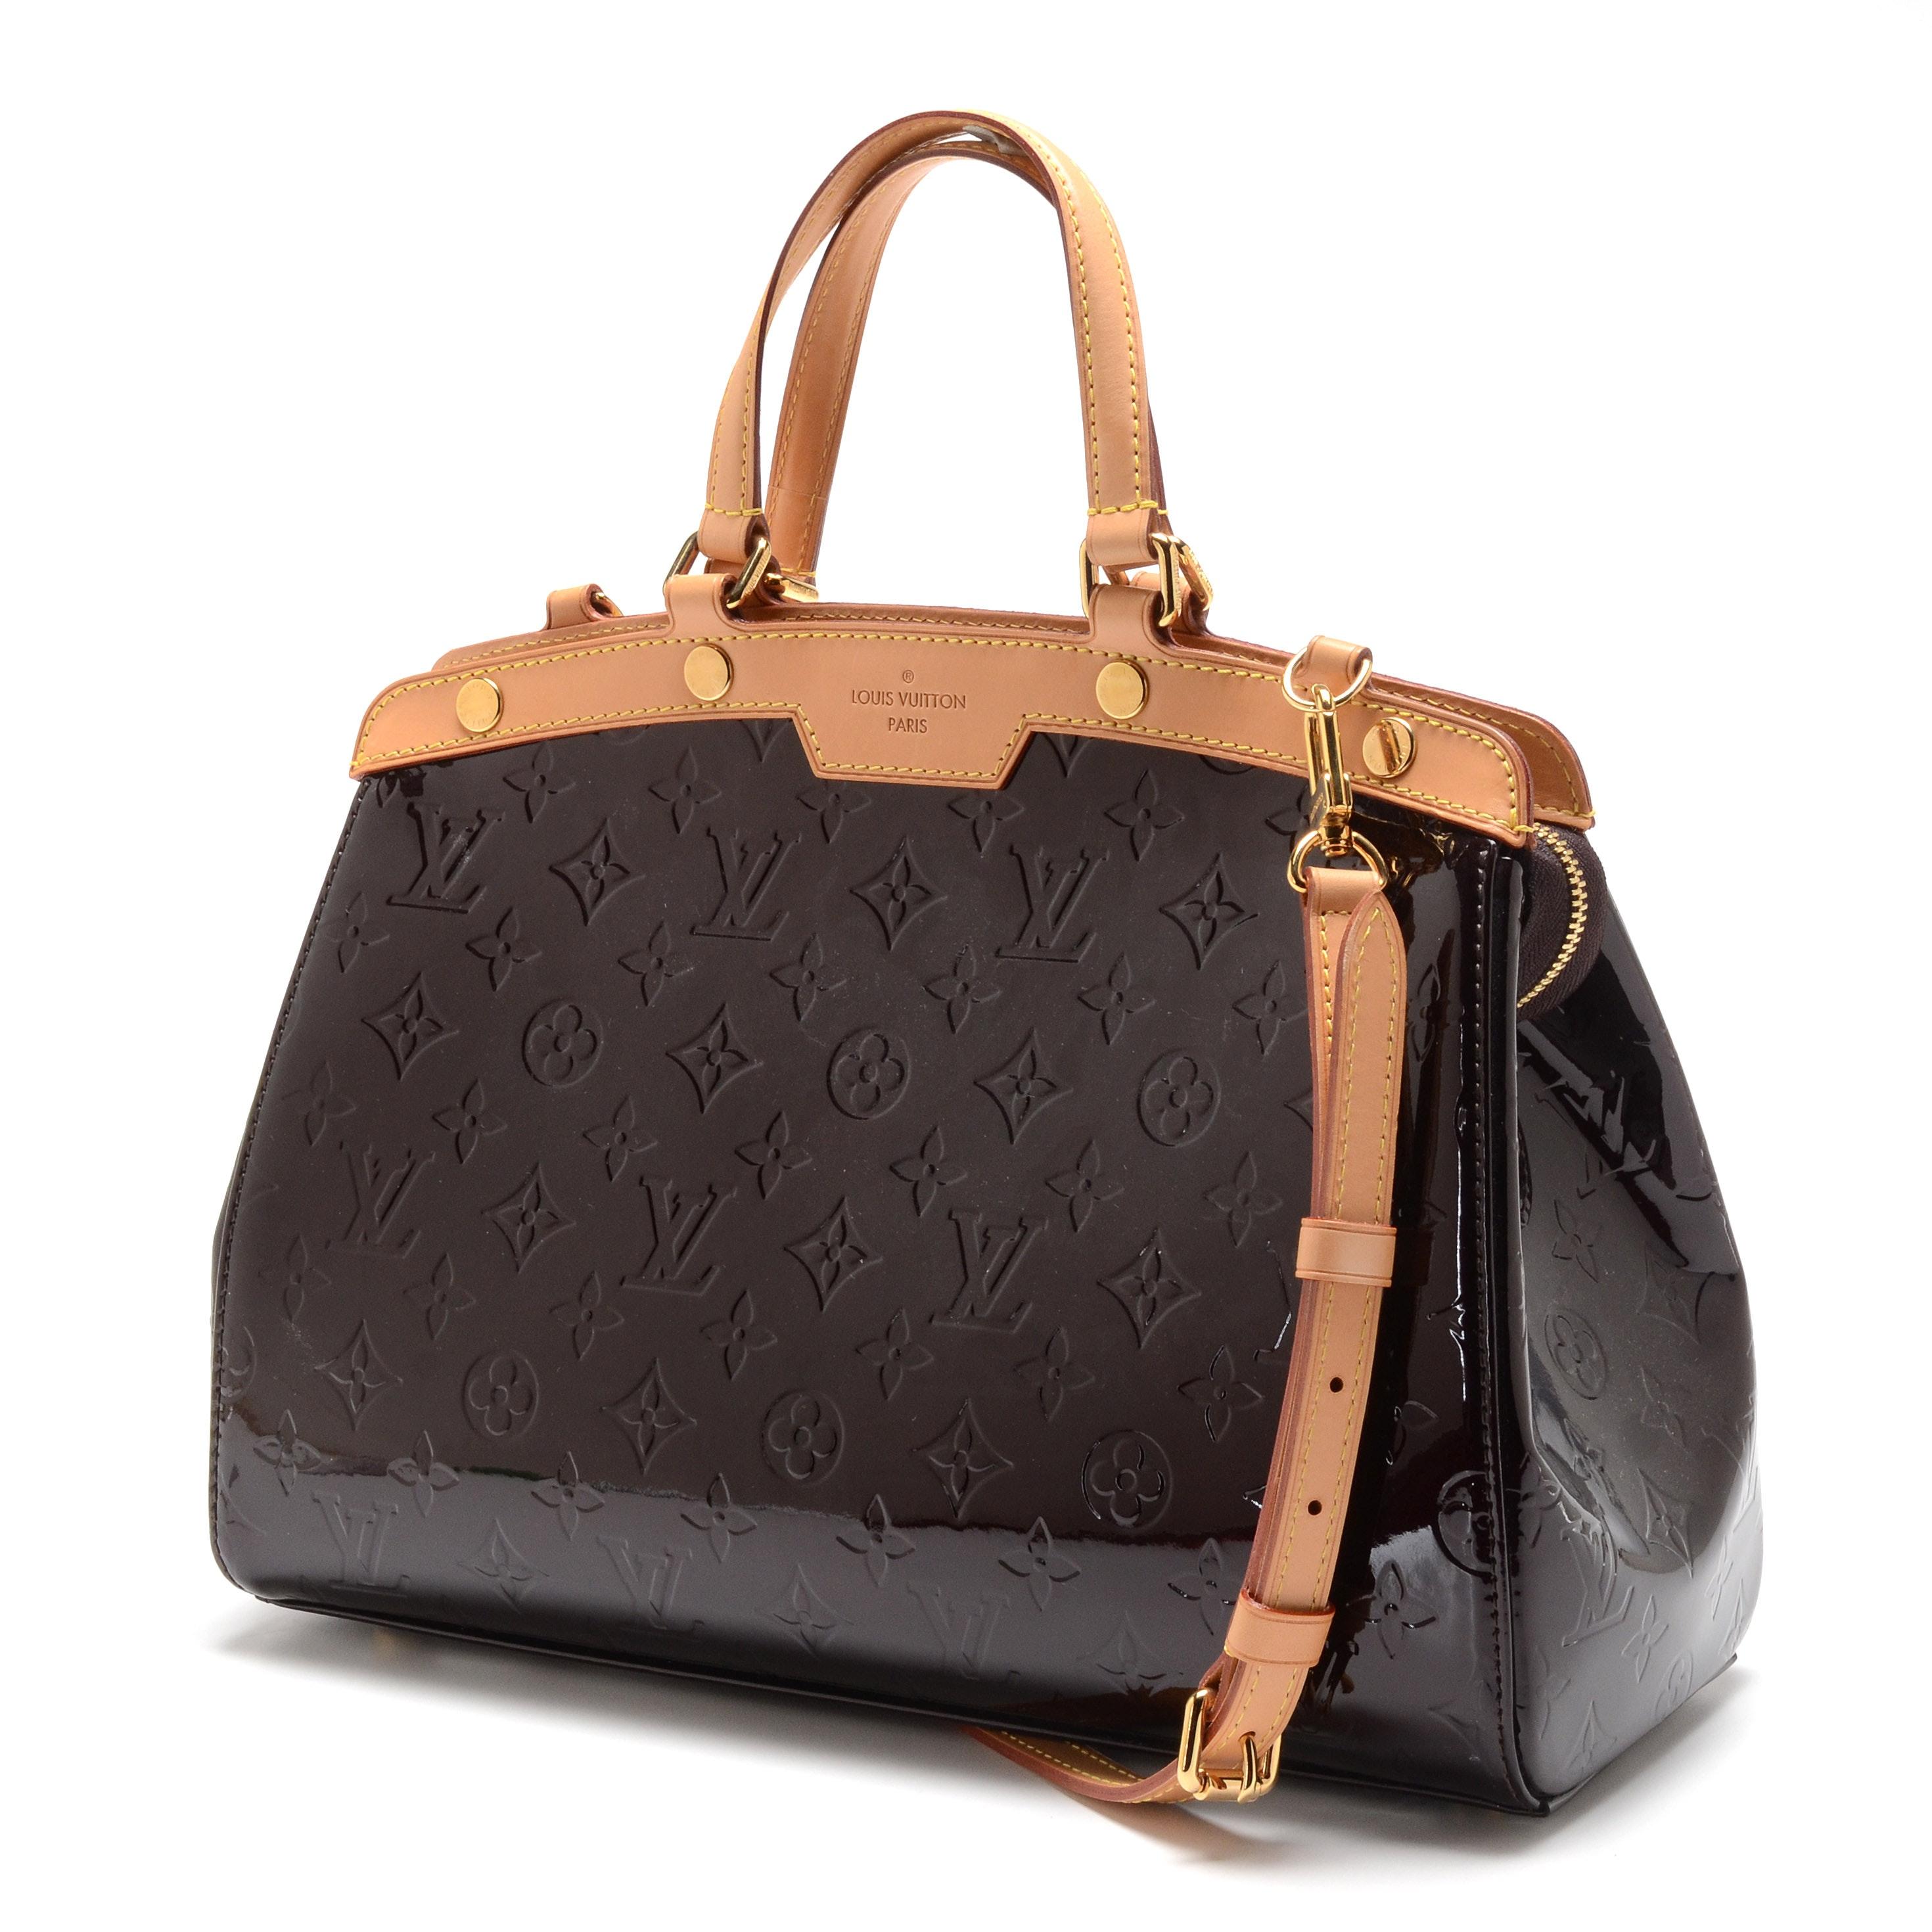 Louis Vuitton Amarante Vernis Brea MM